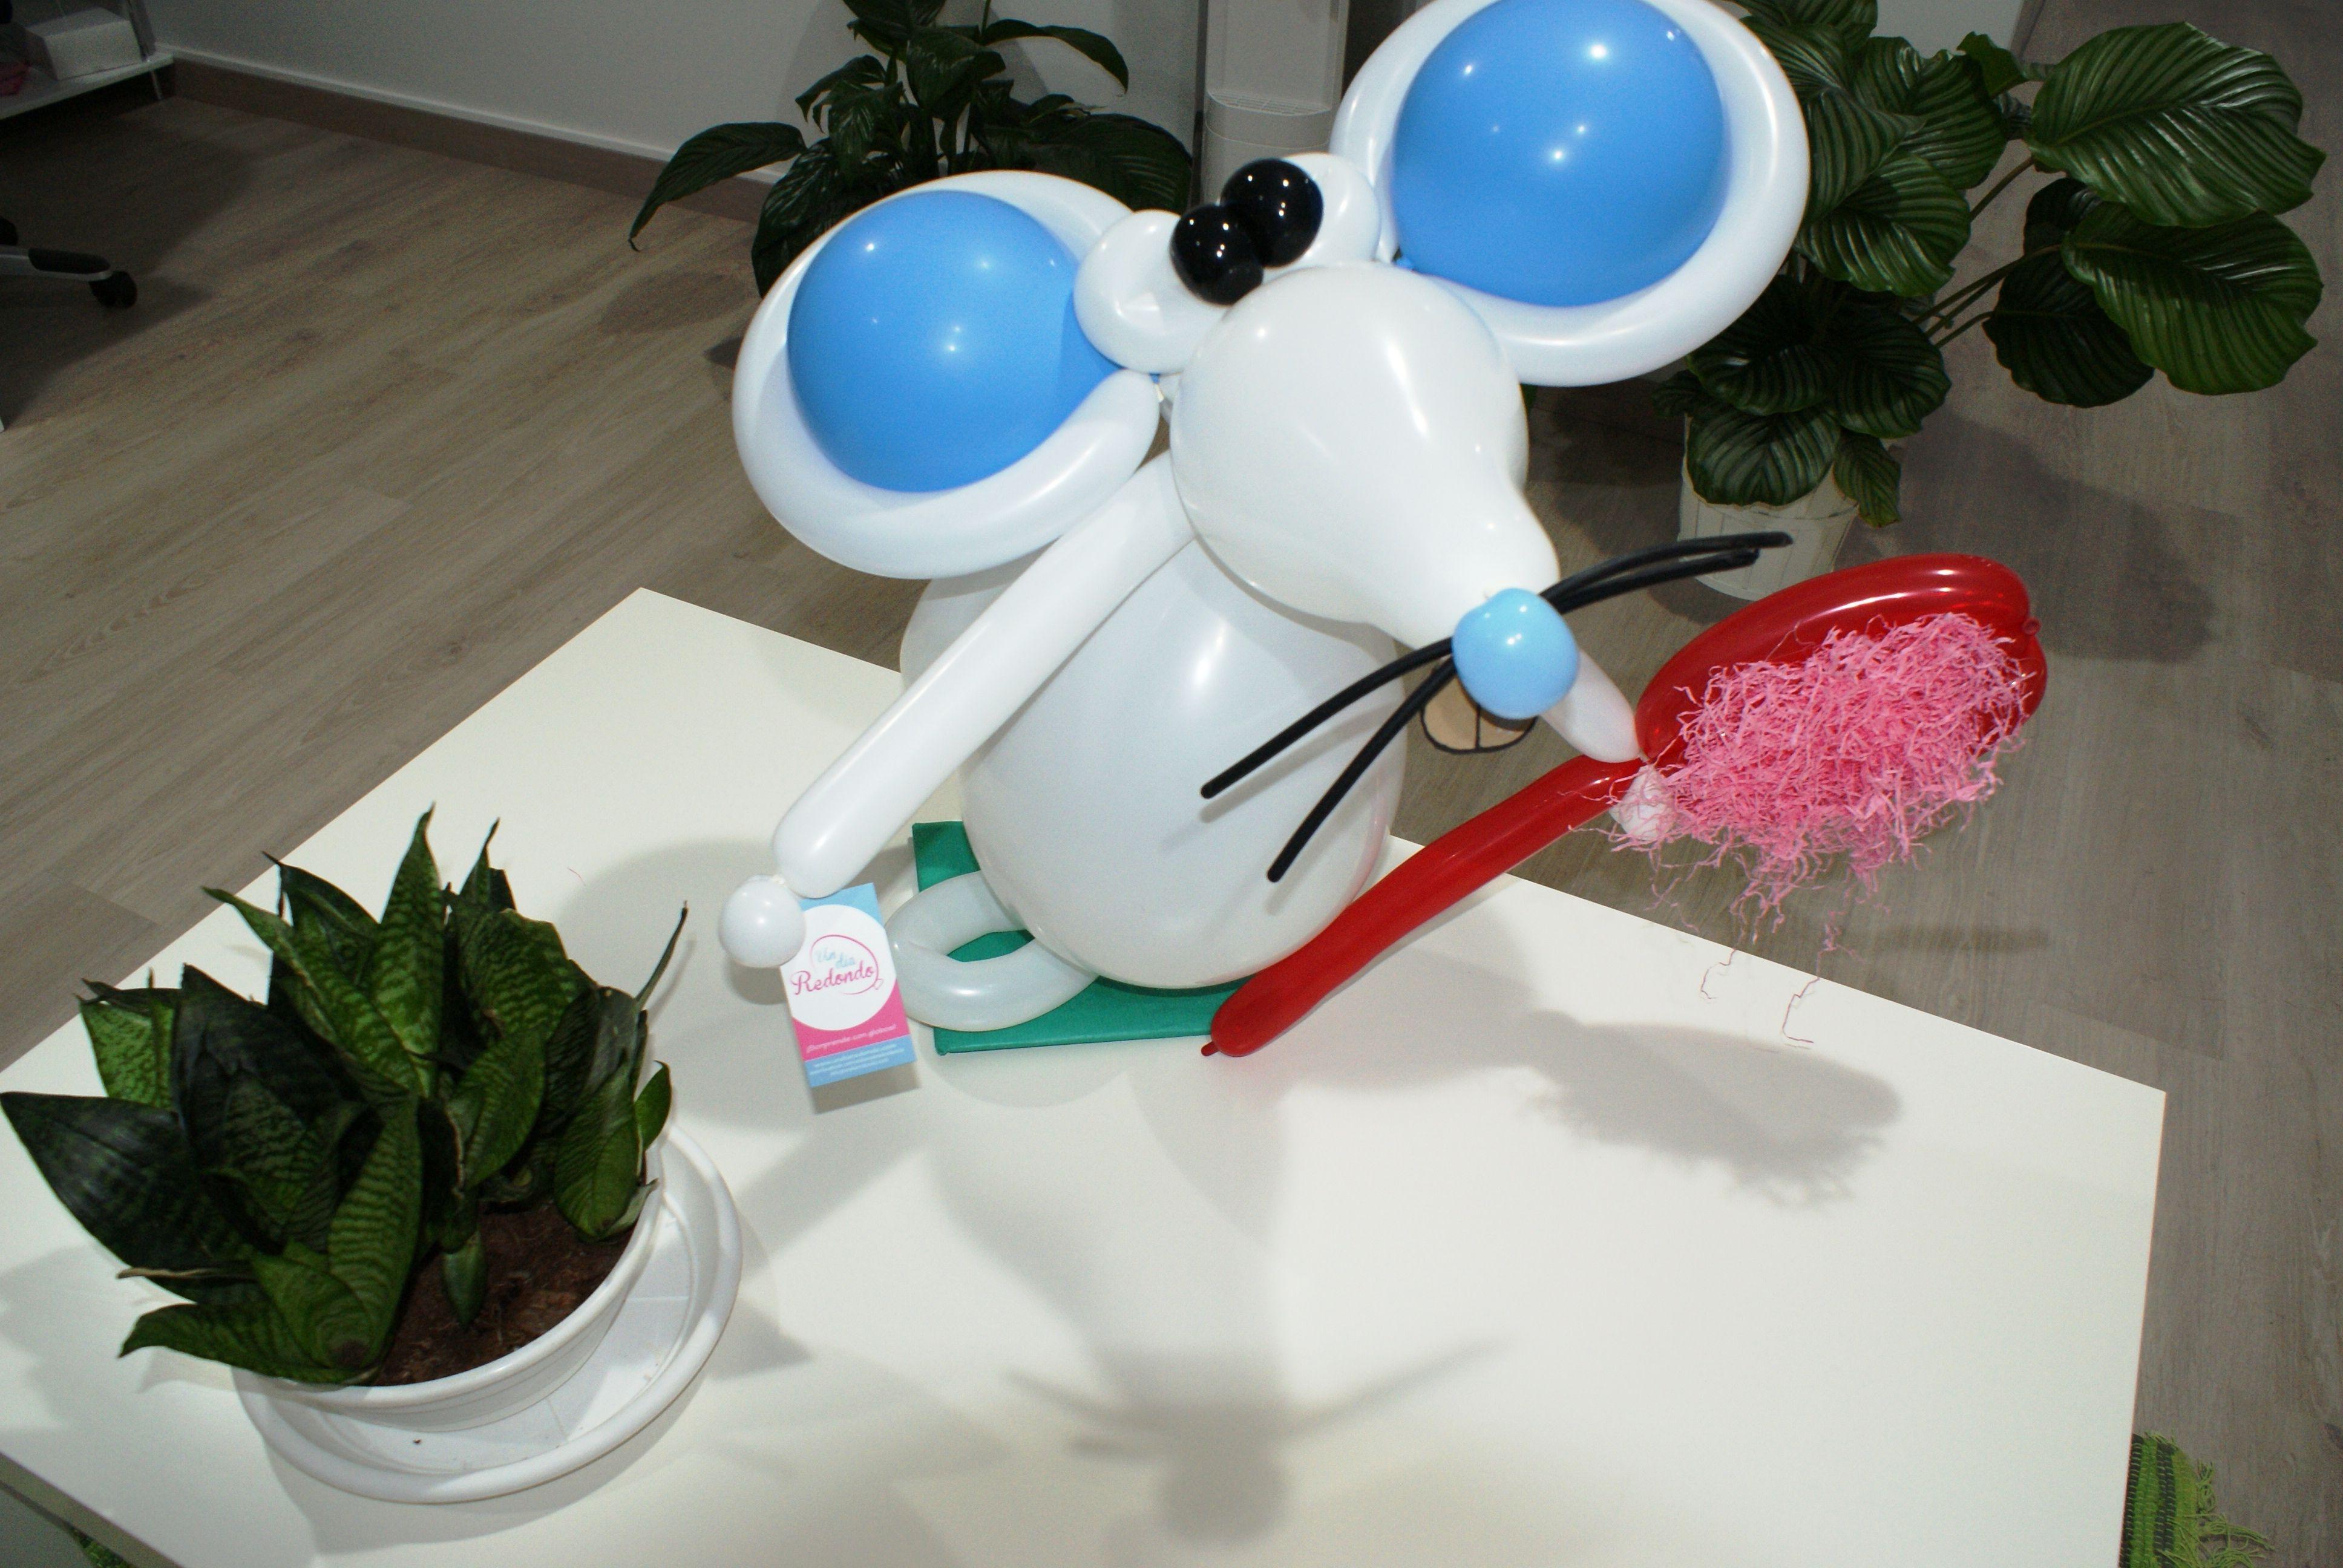 Ratoncito Pérez hecho con globos. Inaguración de la Clínica Odontológica DENT decorada con globos.